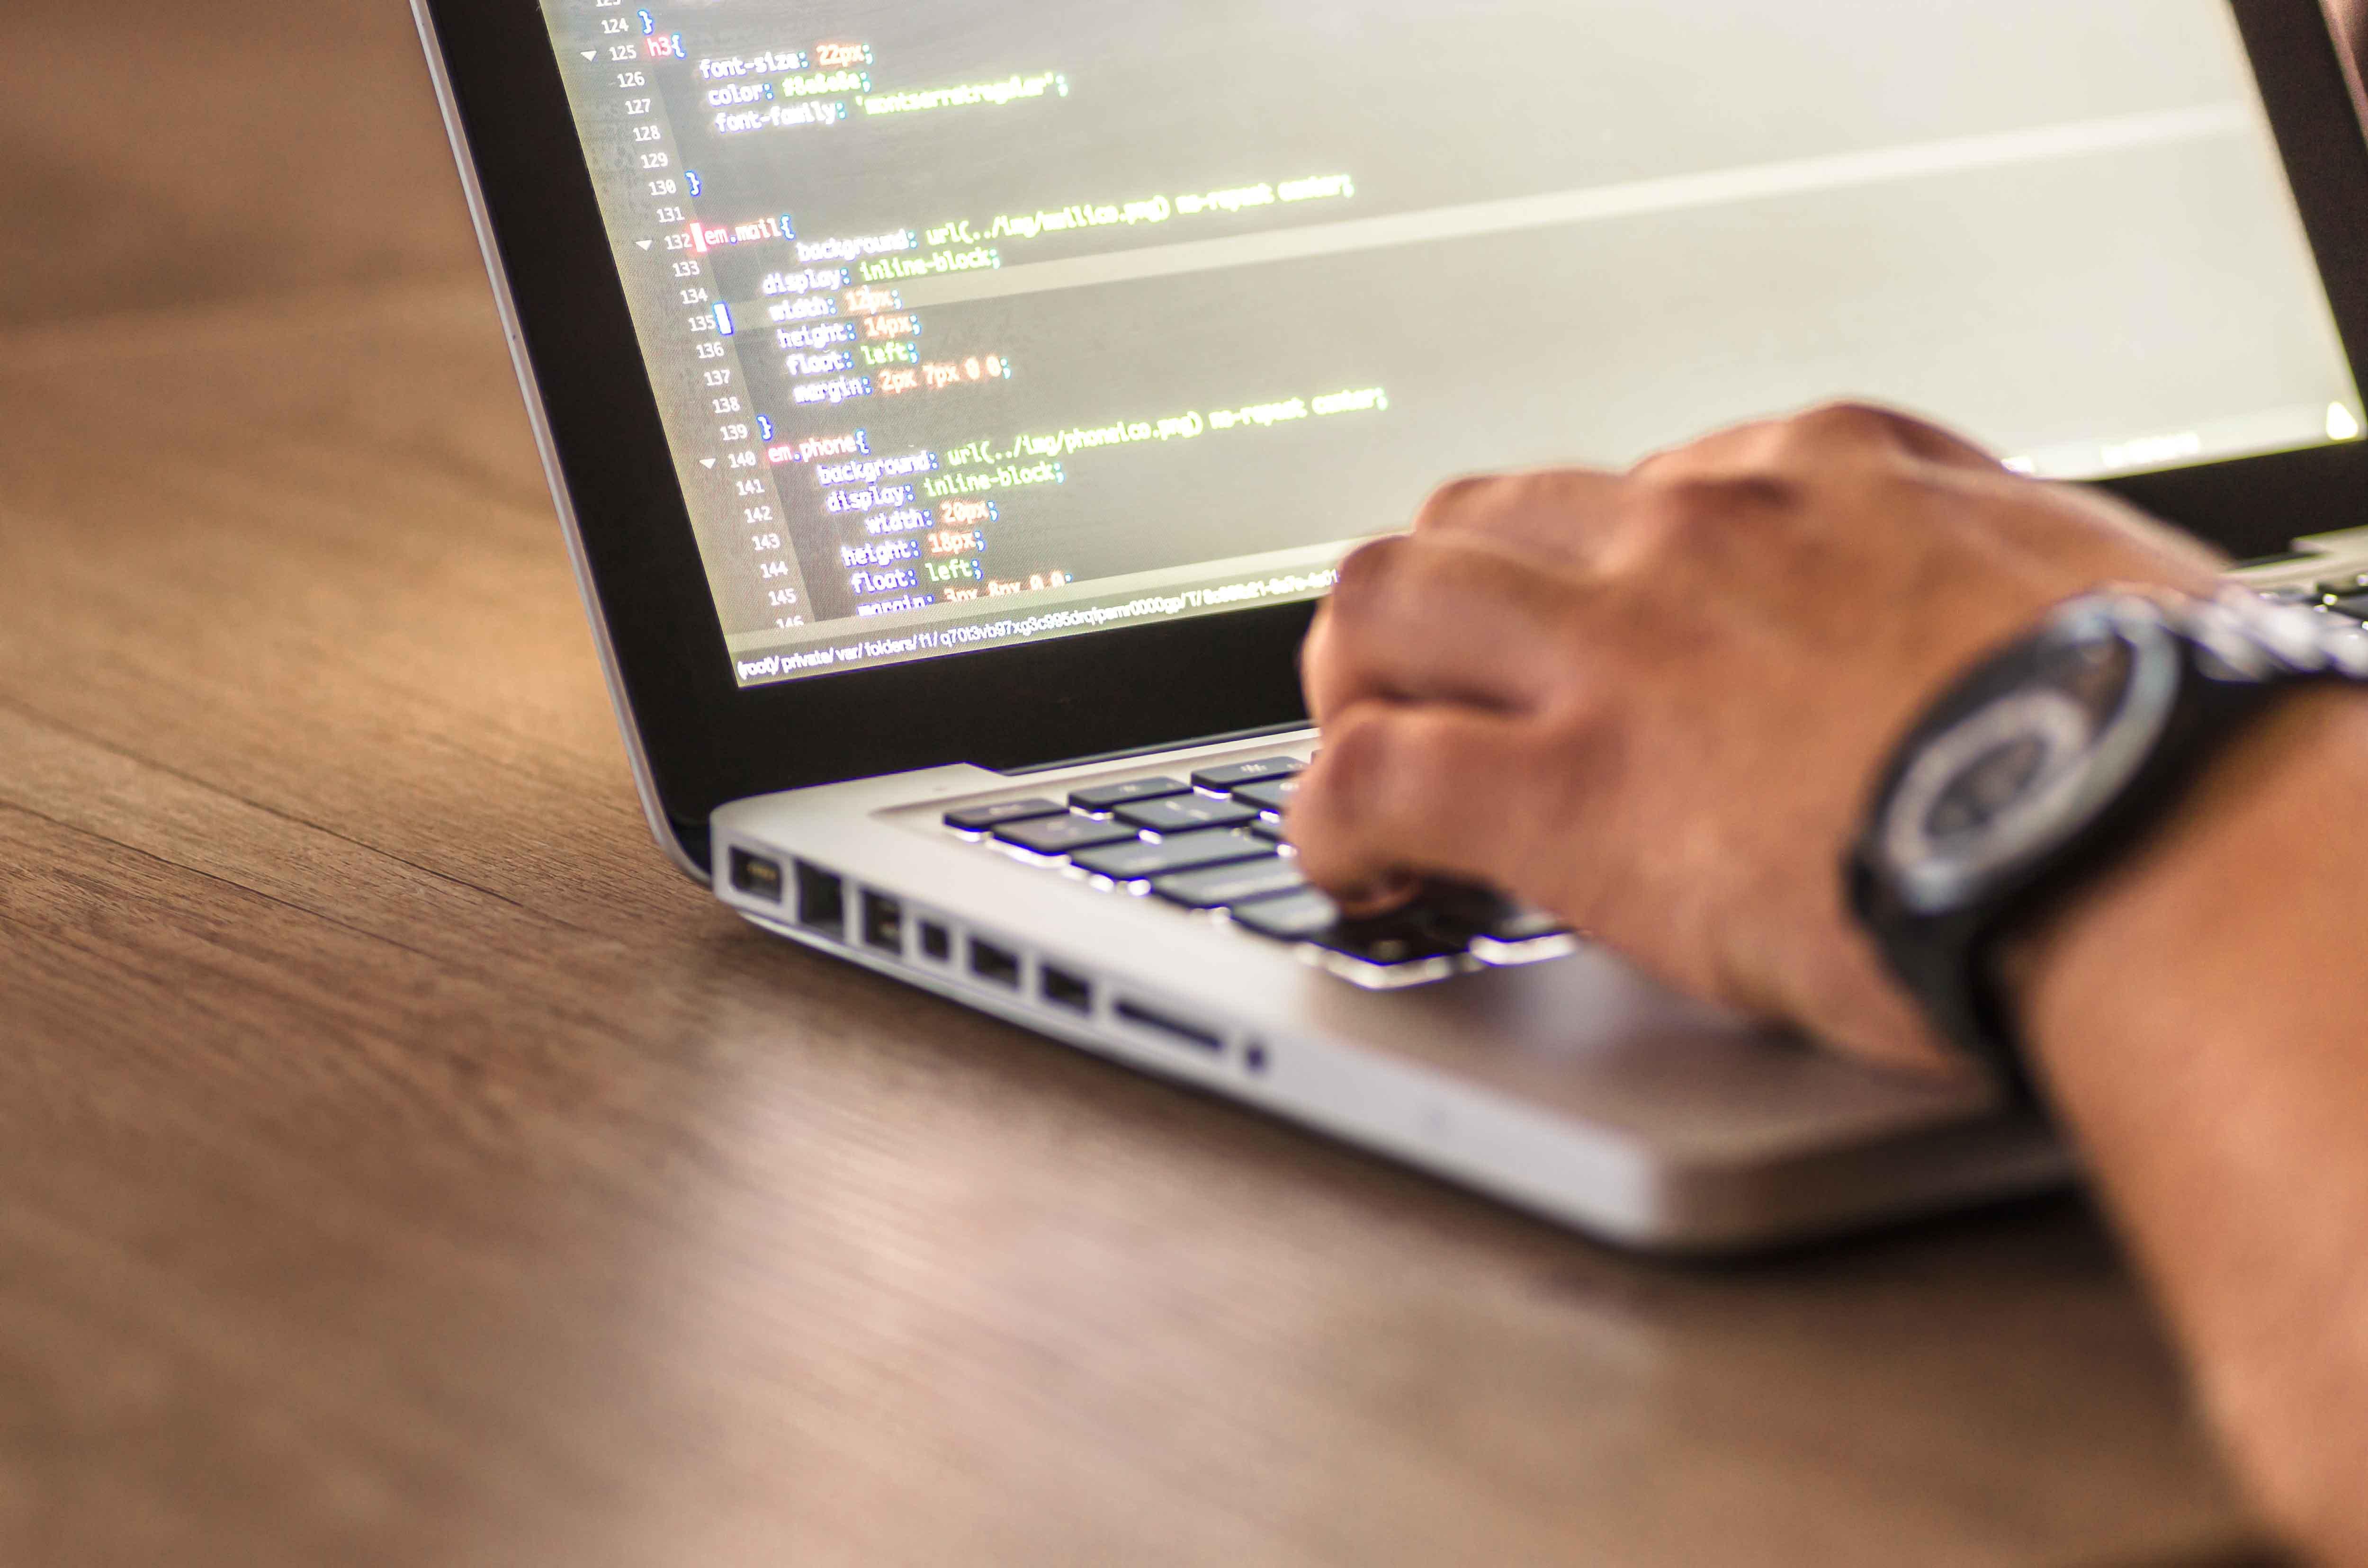 Libreng online techvoc courses handog ng tesda